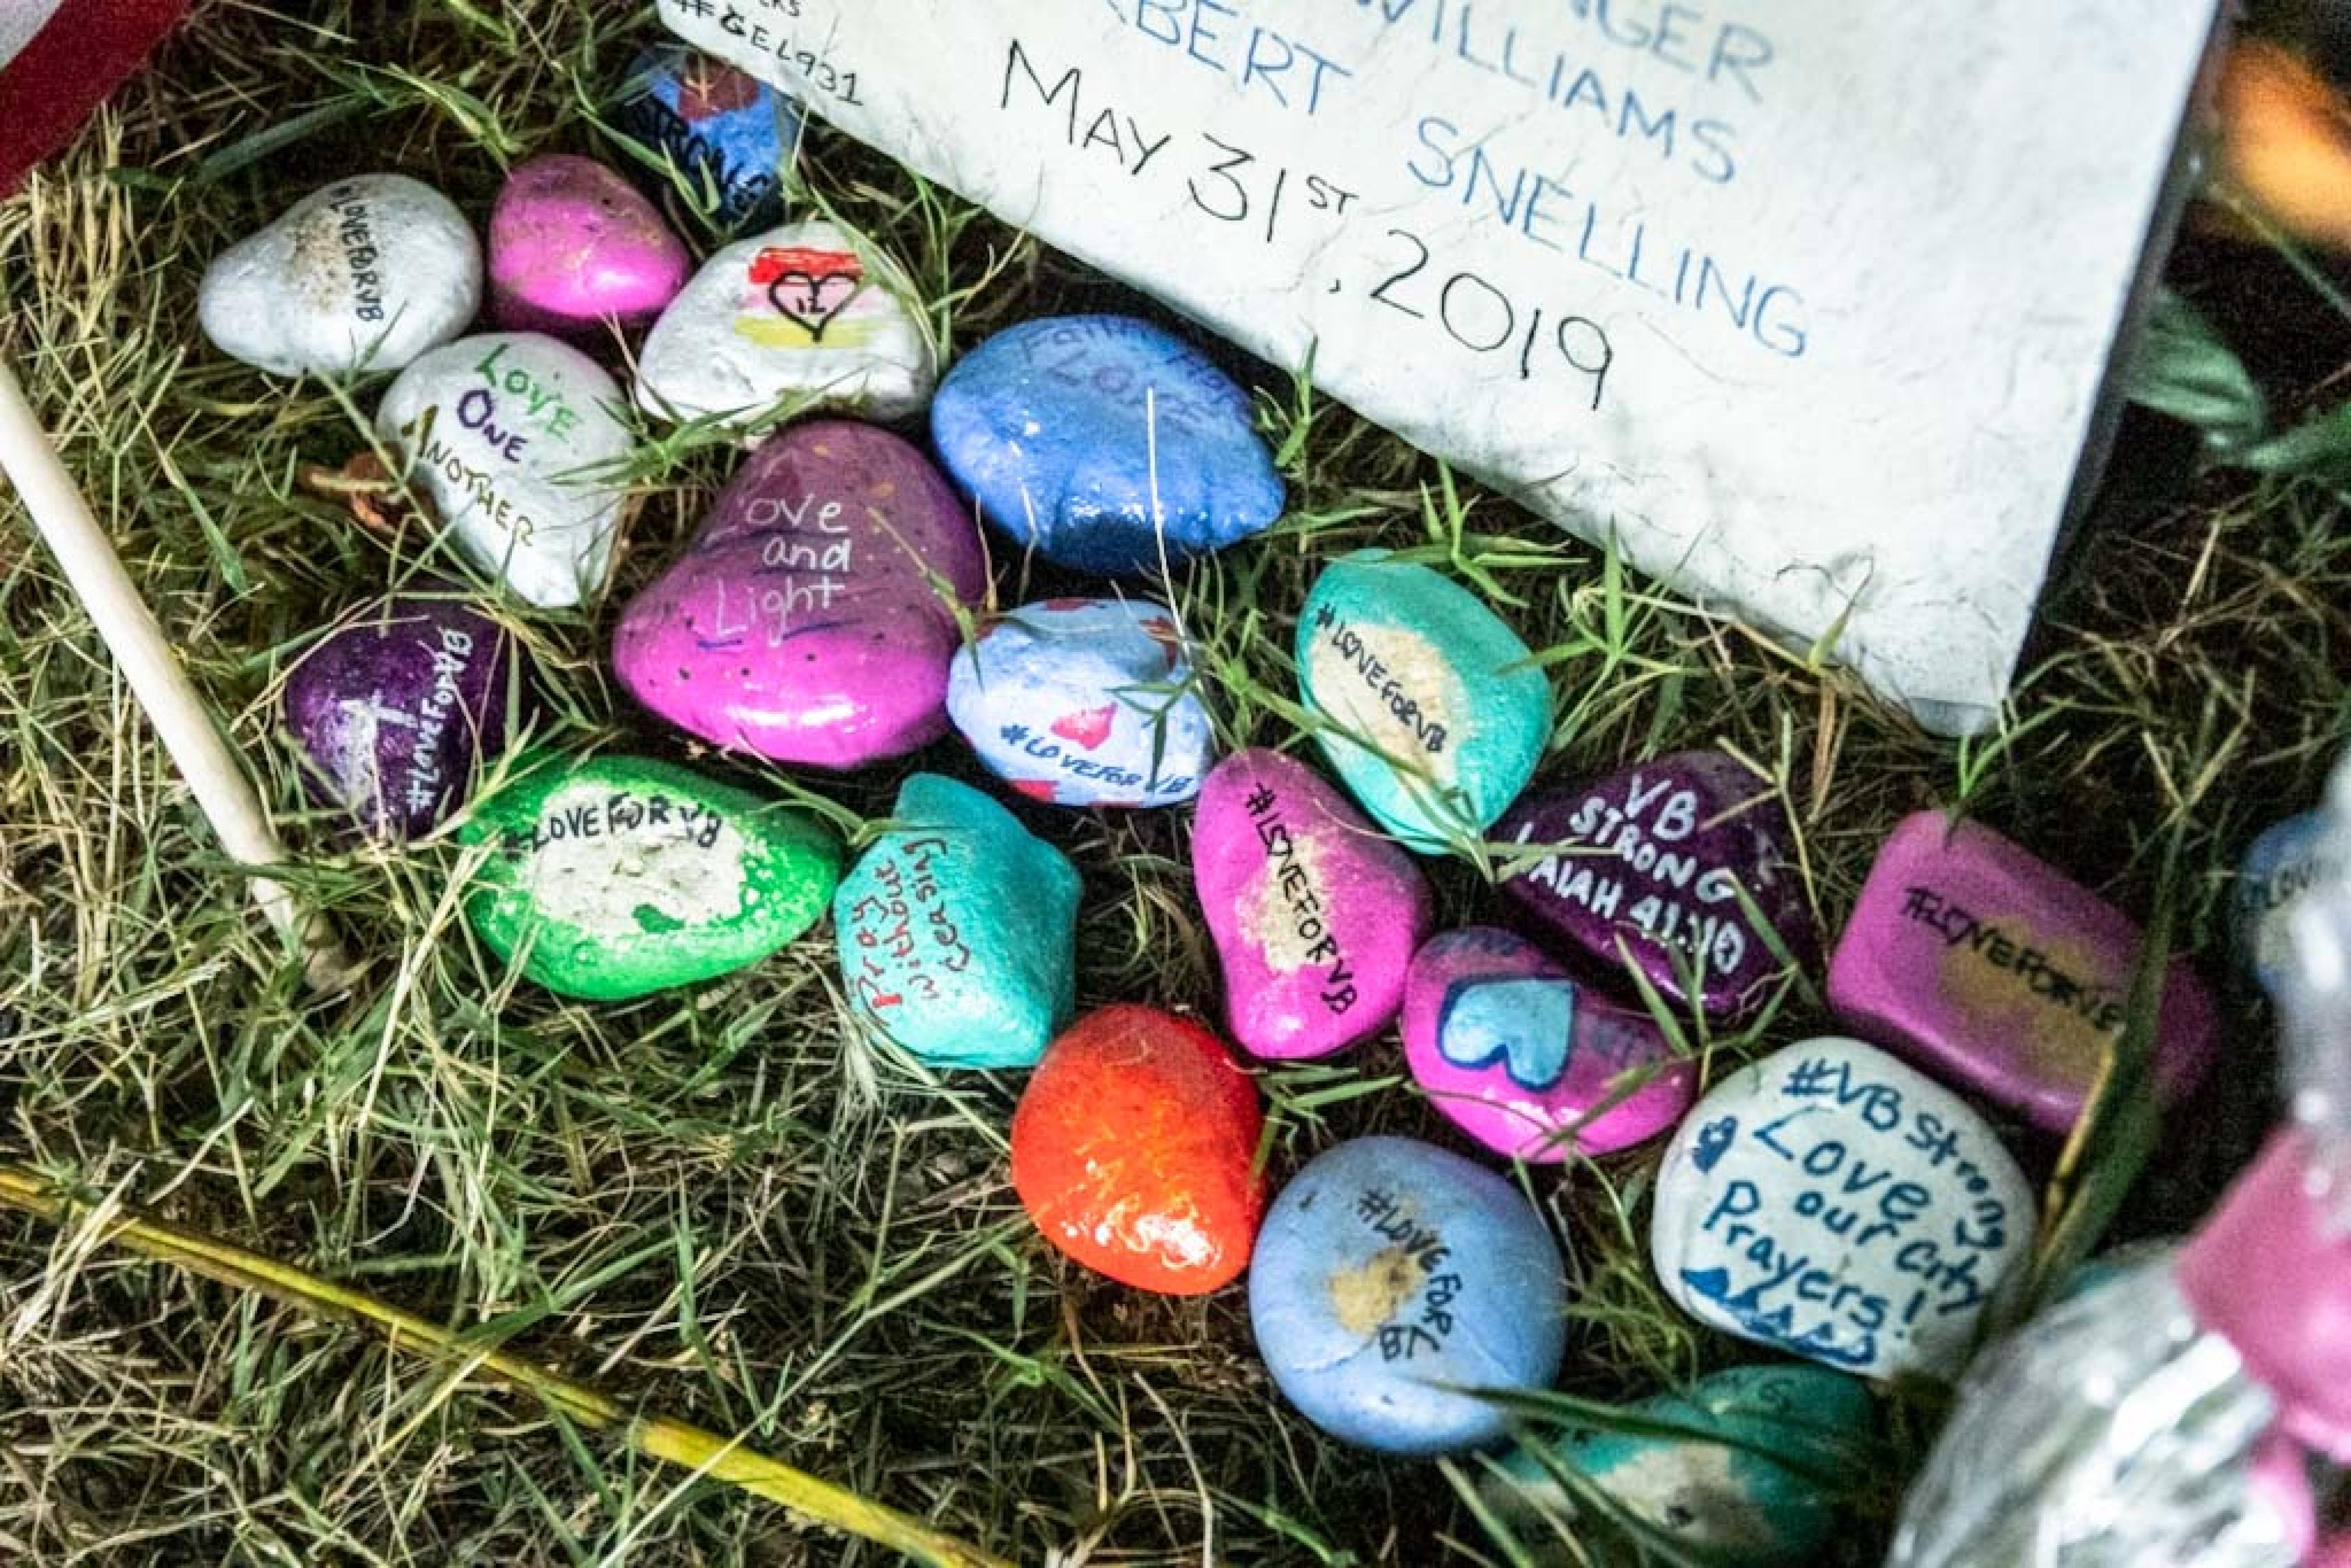 rocks at memorial